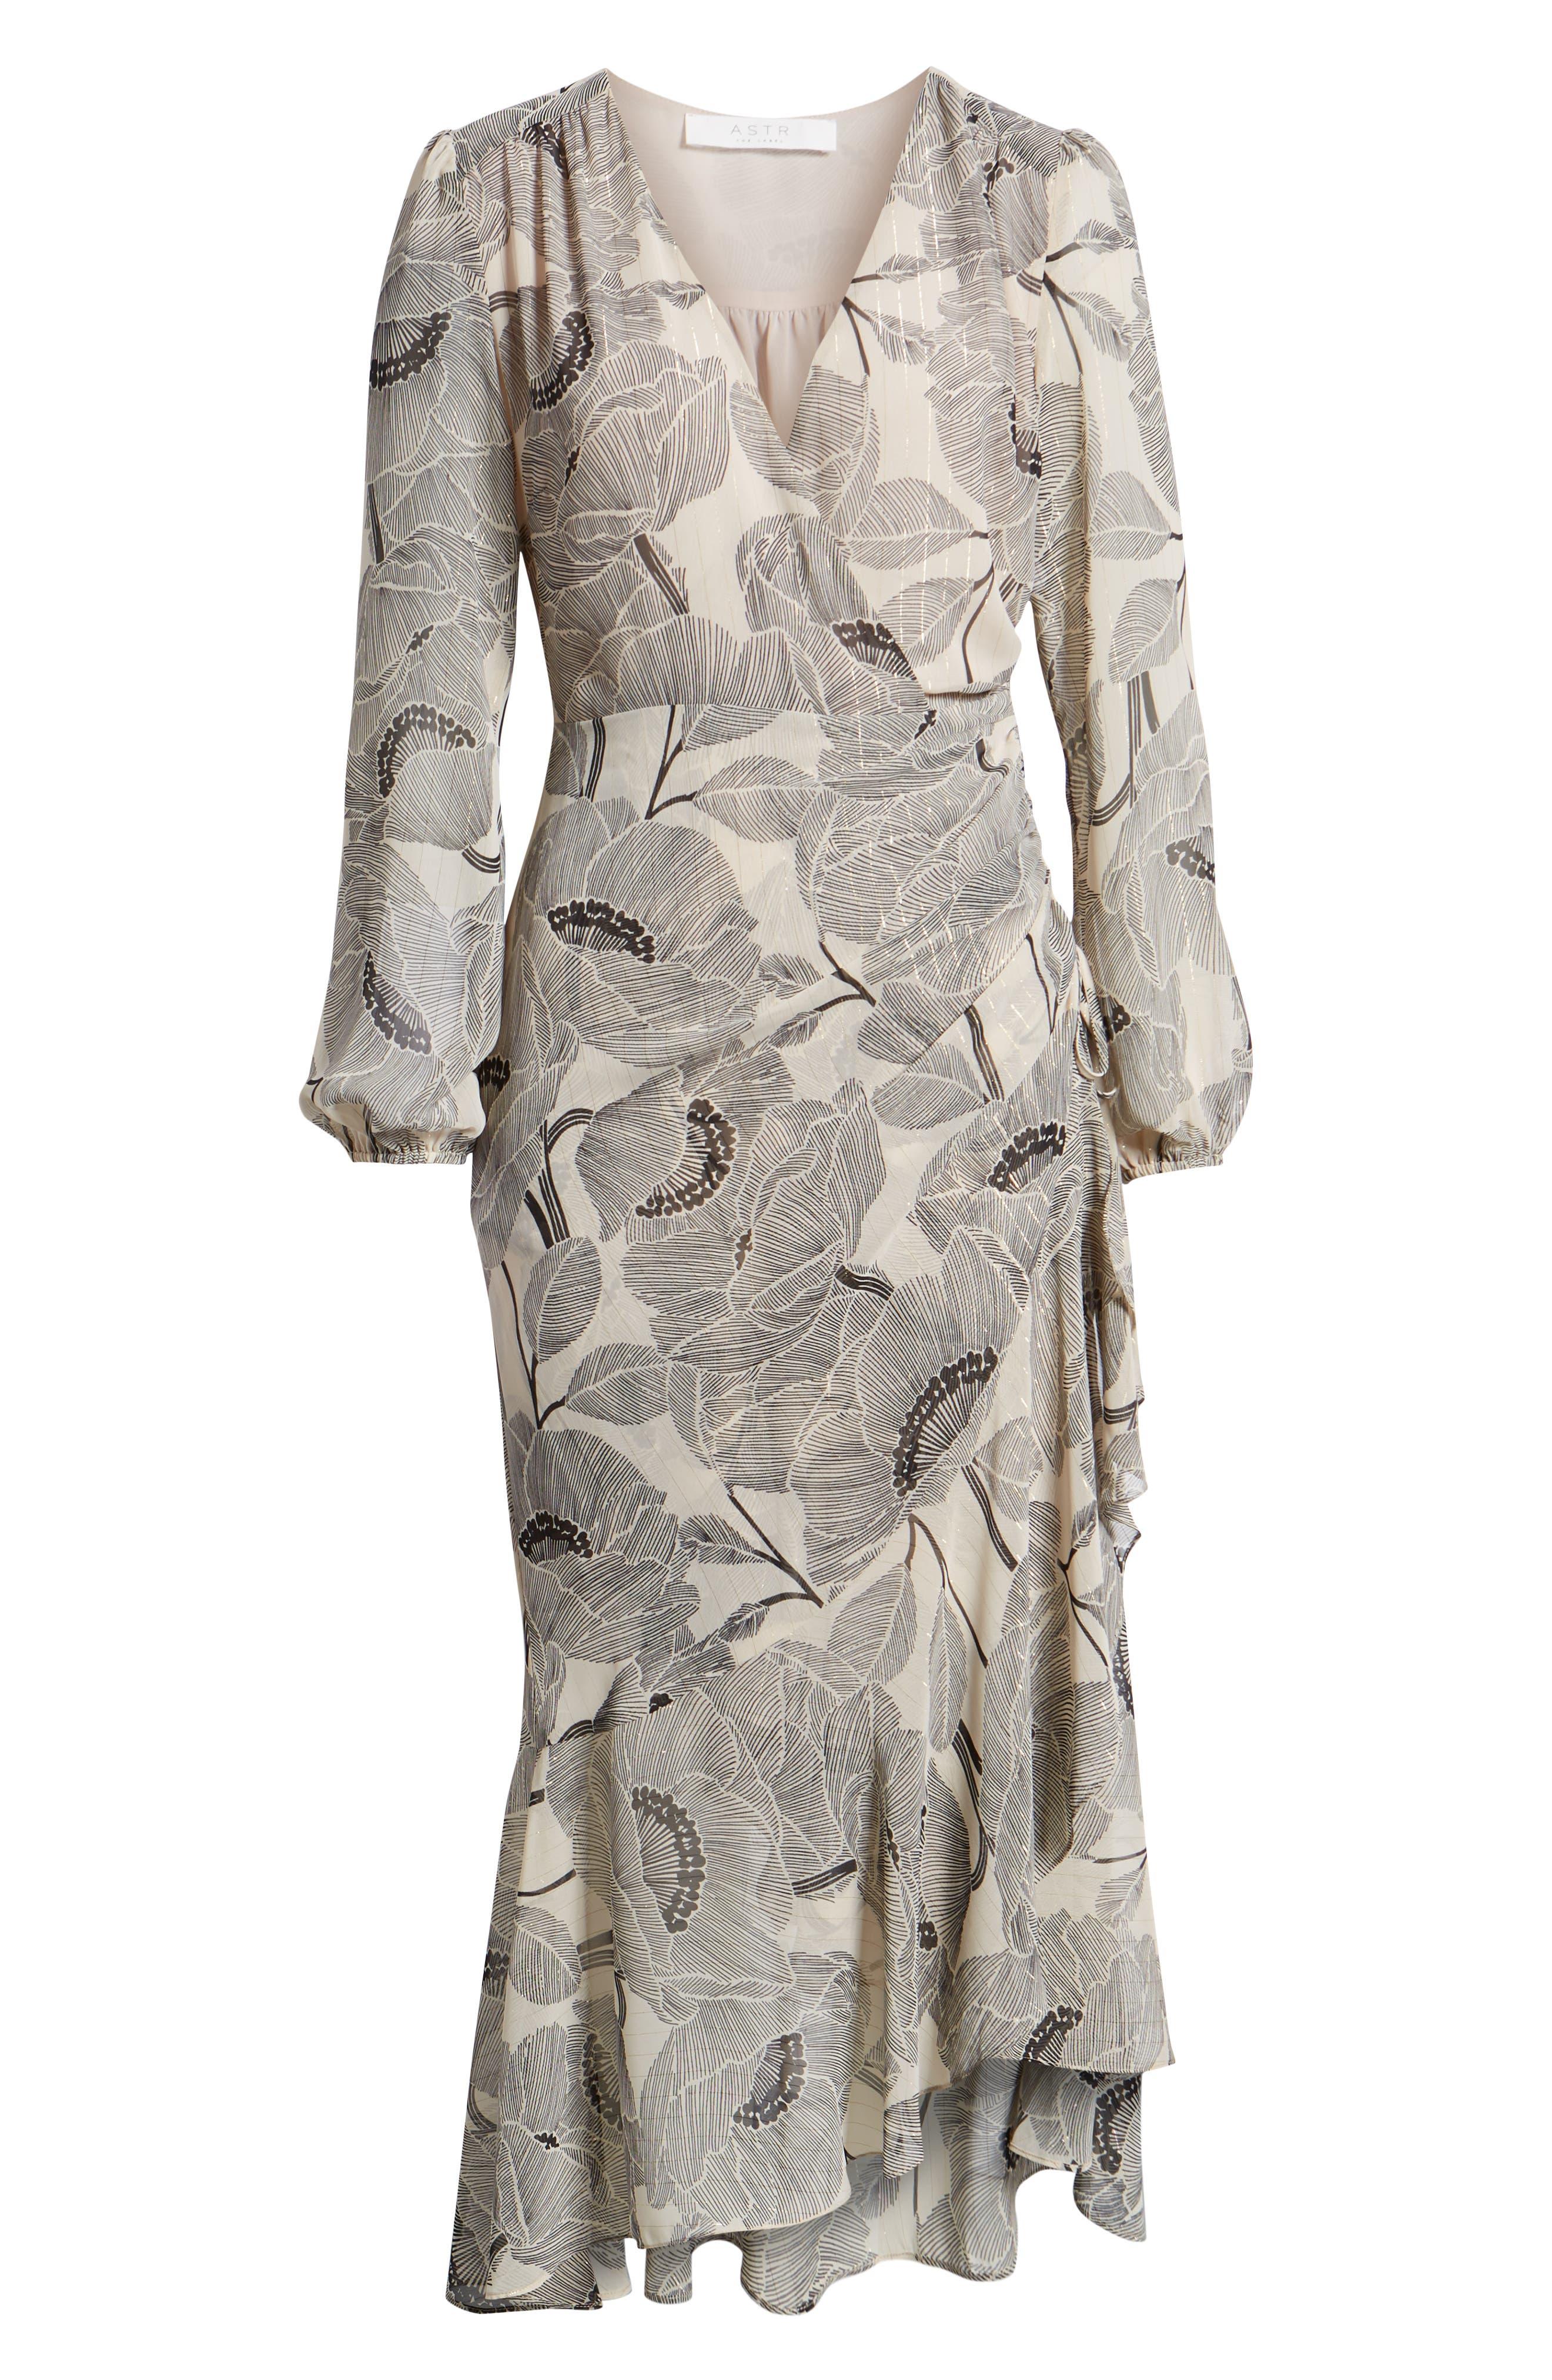 ASTR THE LABEL,                             Floral Print Faux Wrap Dress,                             Alternate thumbnail 7, color,                             IVORY FLORAL